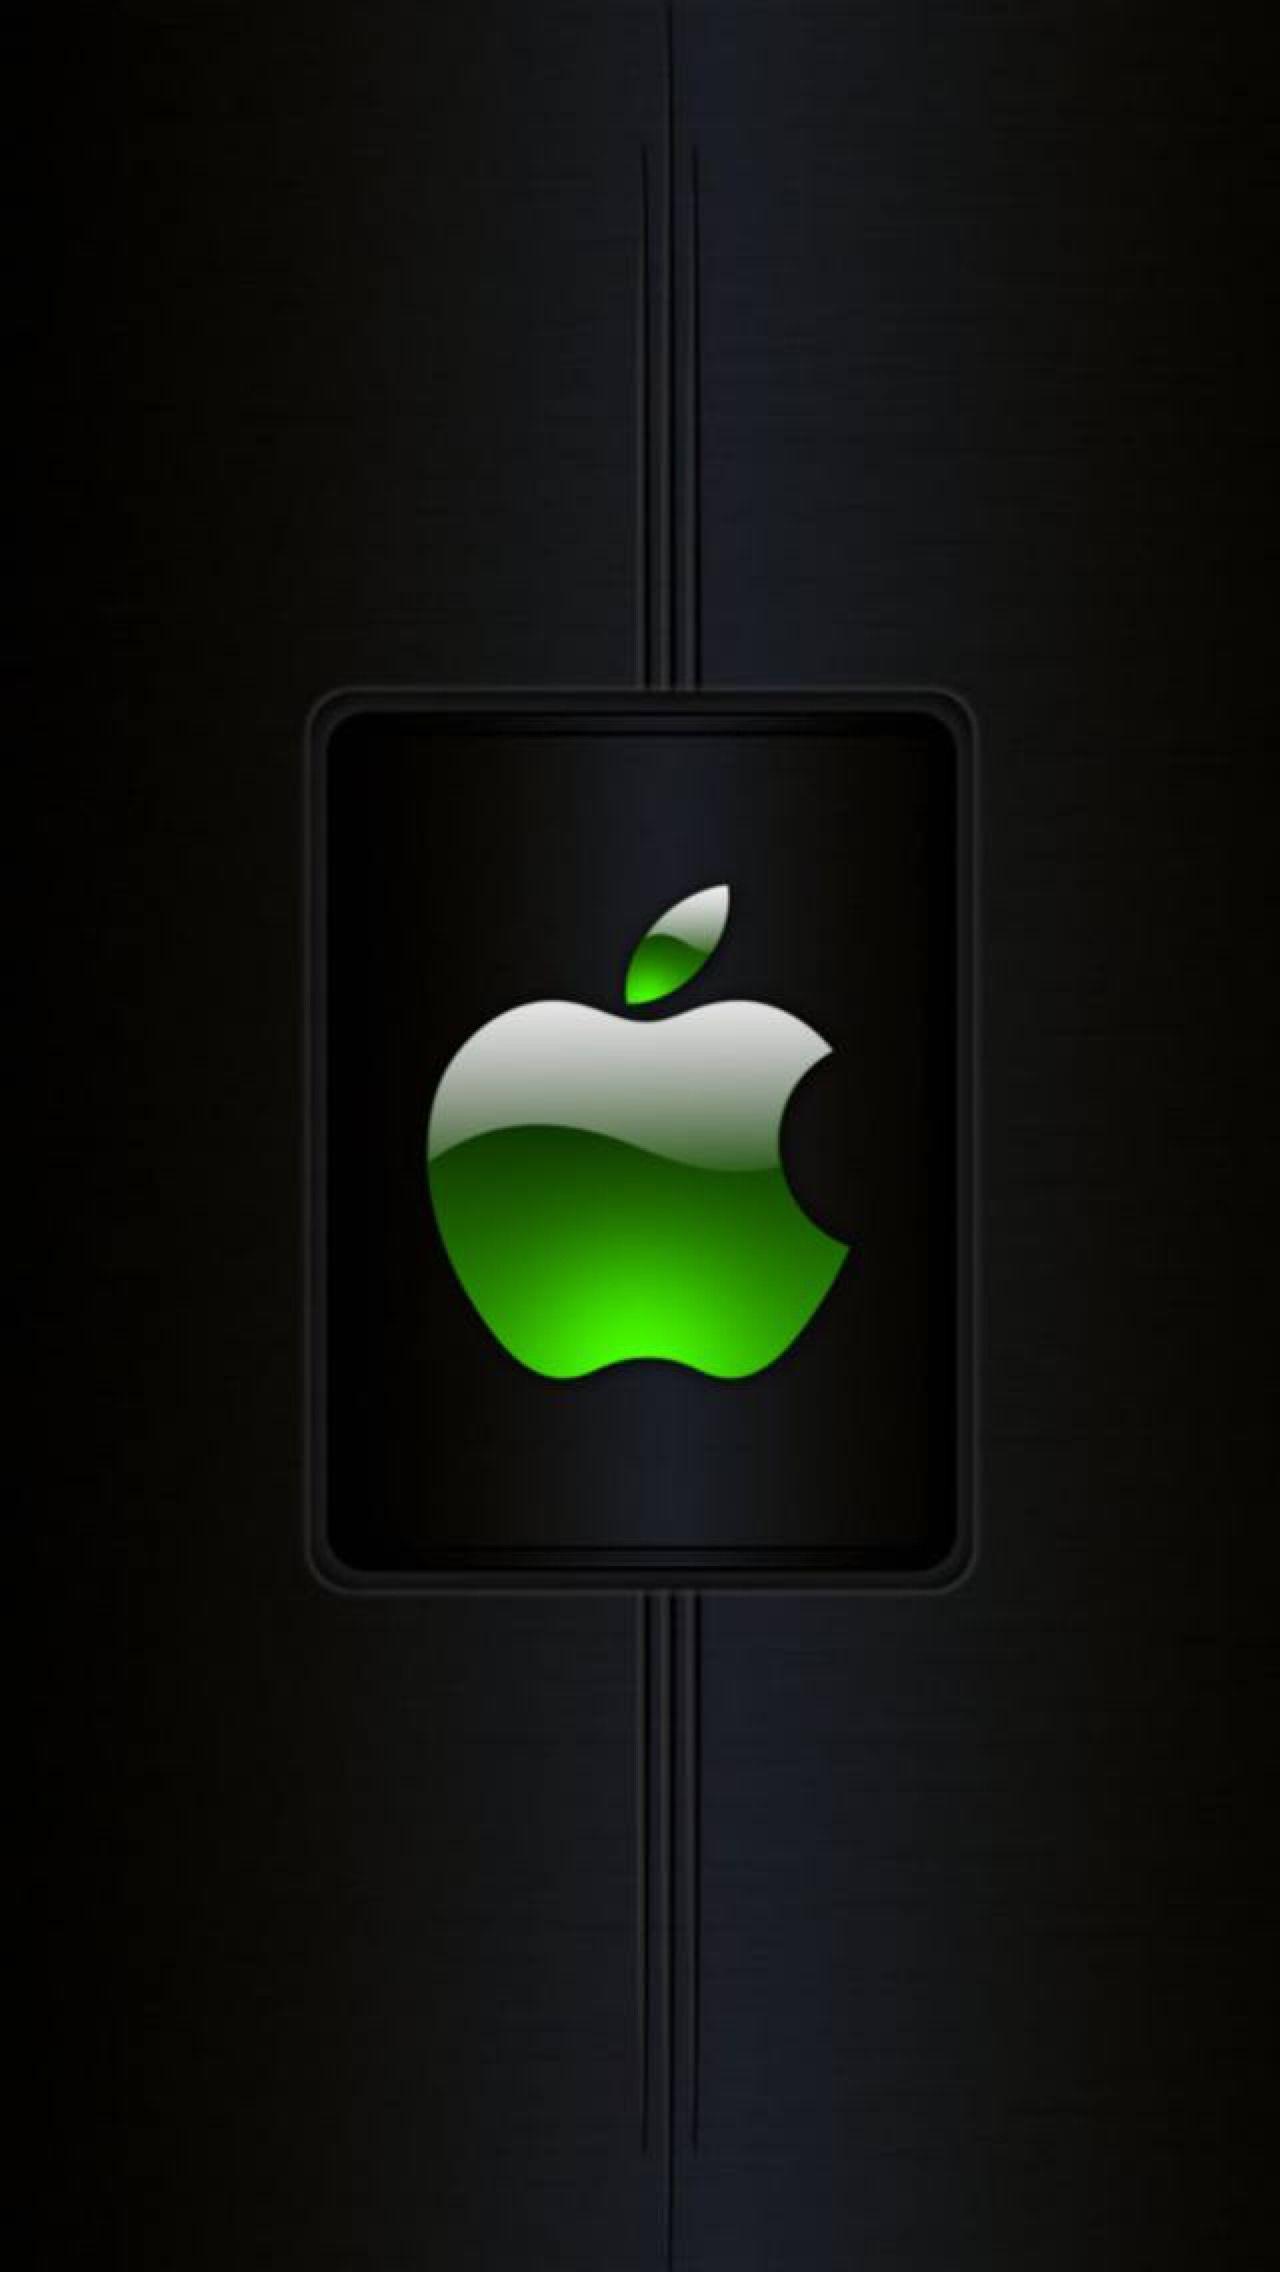 Green Badge Apple Apple Wallpaper Apple Logo Wallpaper Iphone Apple Wallpaper Iphone